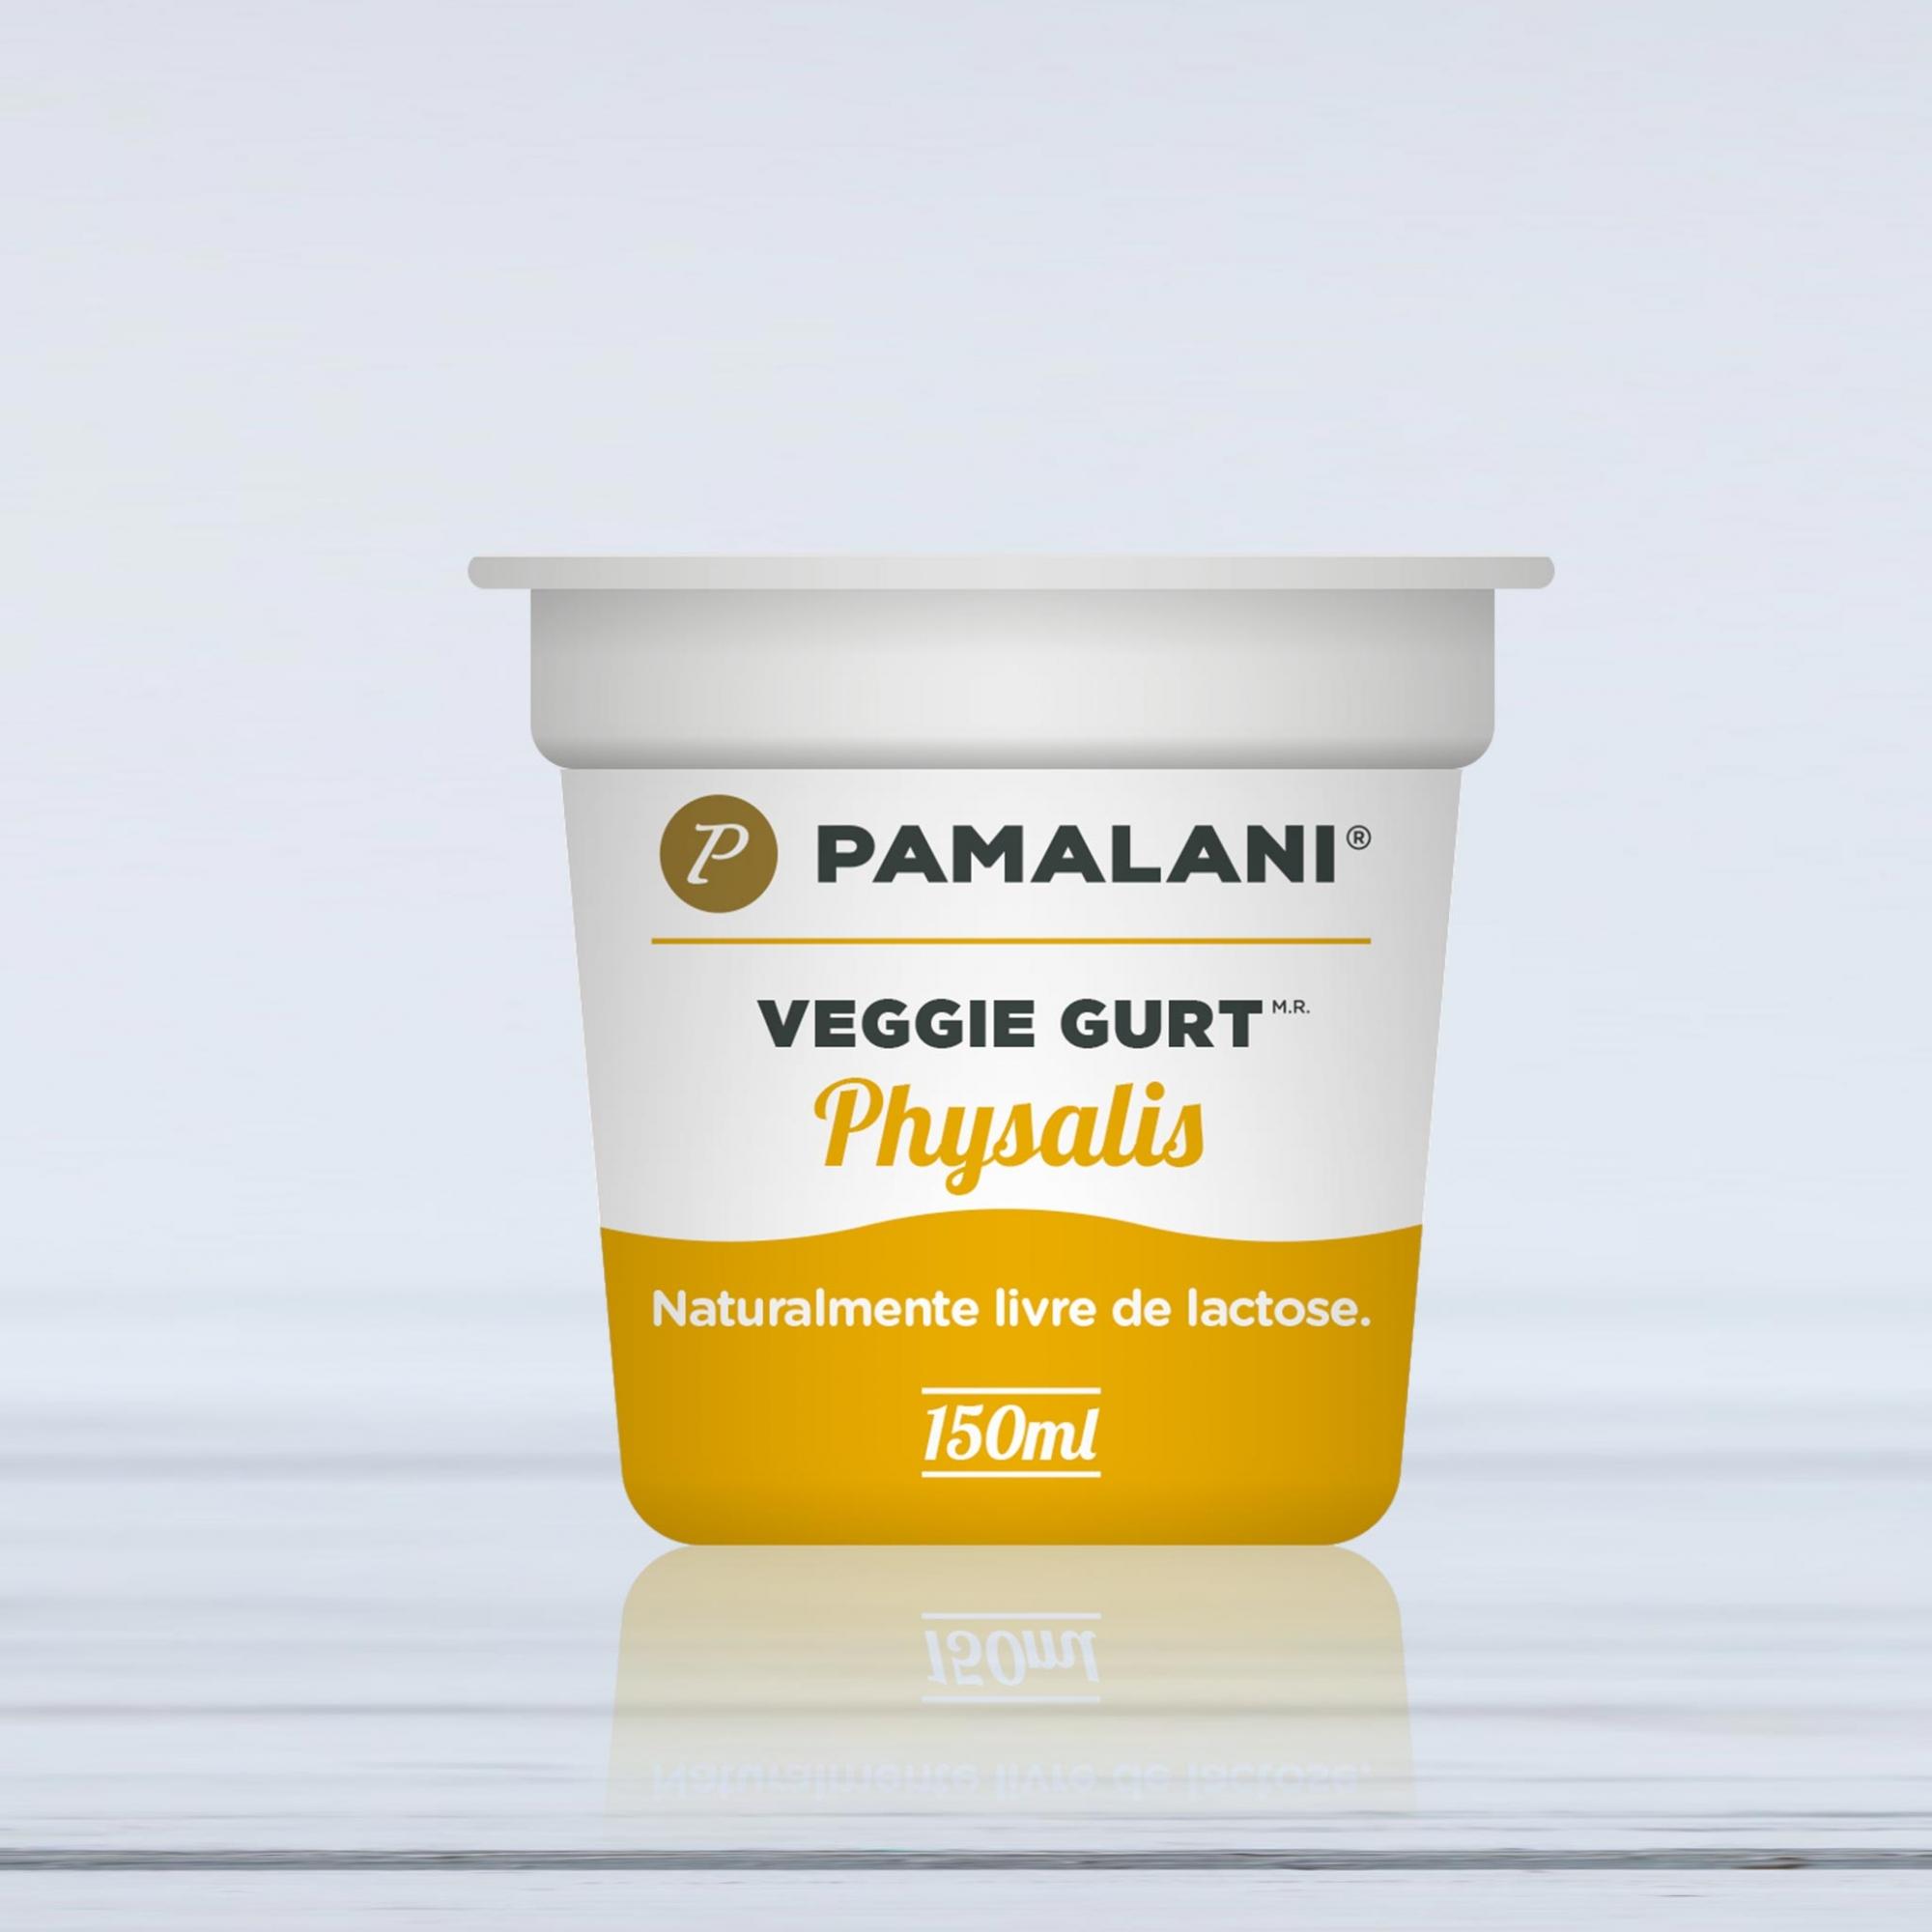 Veggie Gurt Physalis 150ml